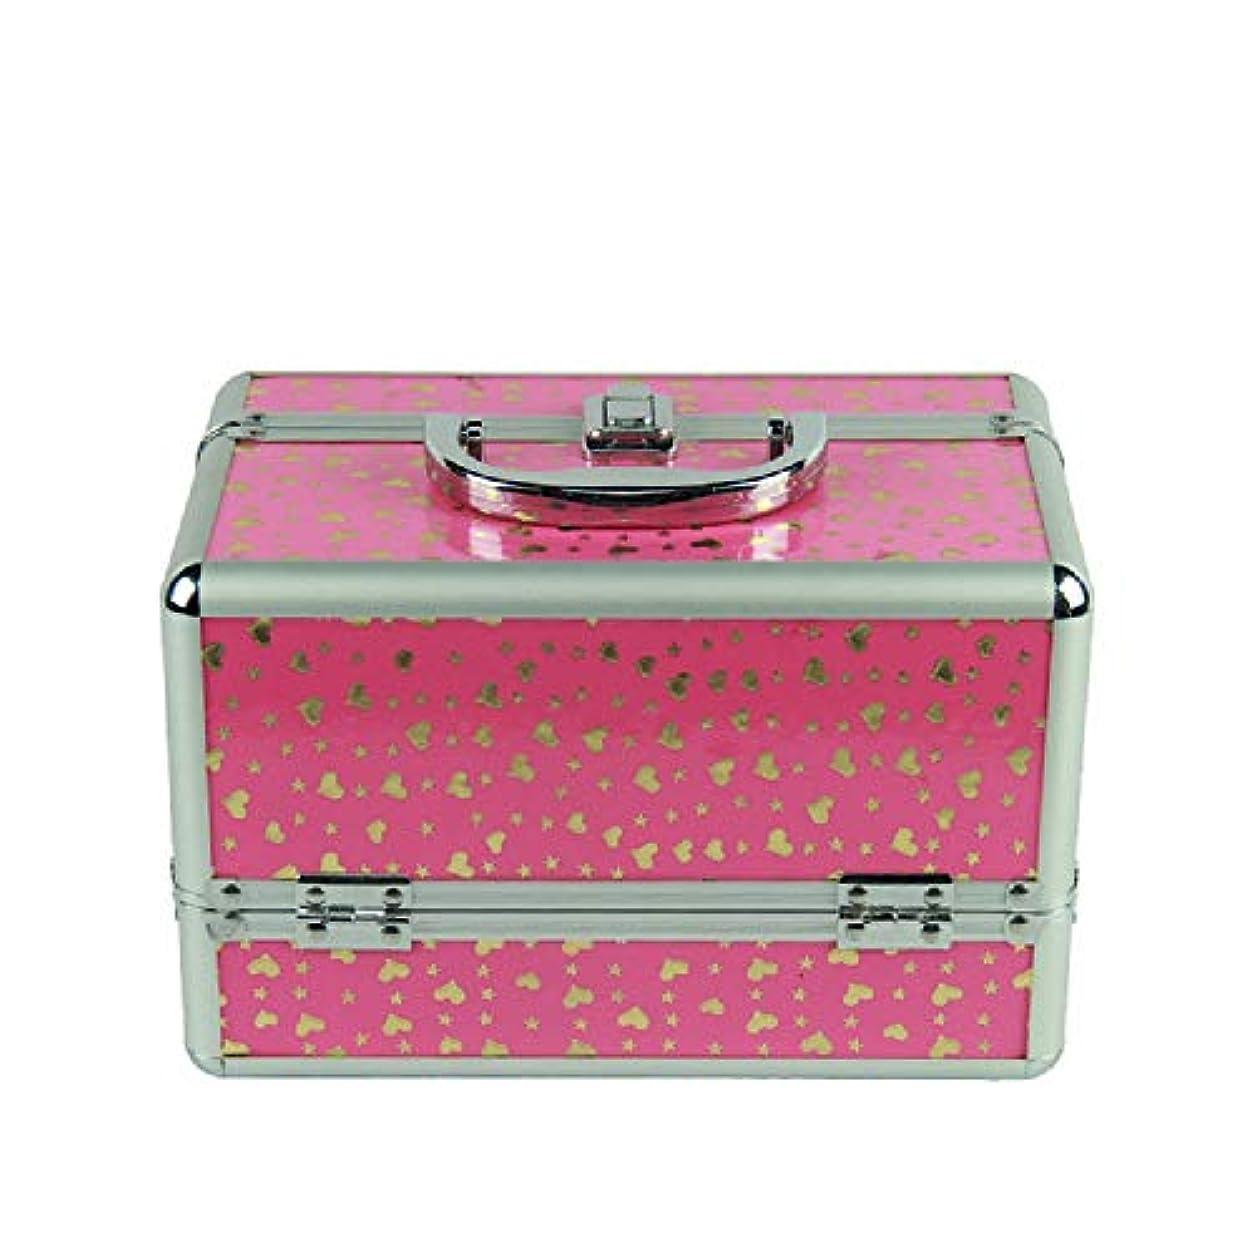 締め切りアトム価格化粧オーガナイザーバッグ 旅行用アクセサリーのための絶妙なポータブル化粧品ケースシャンプーボディウォッシュパーソナルアイテムロックとスライディングトレイ付きストレージ 化粧品ケース